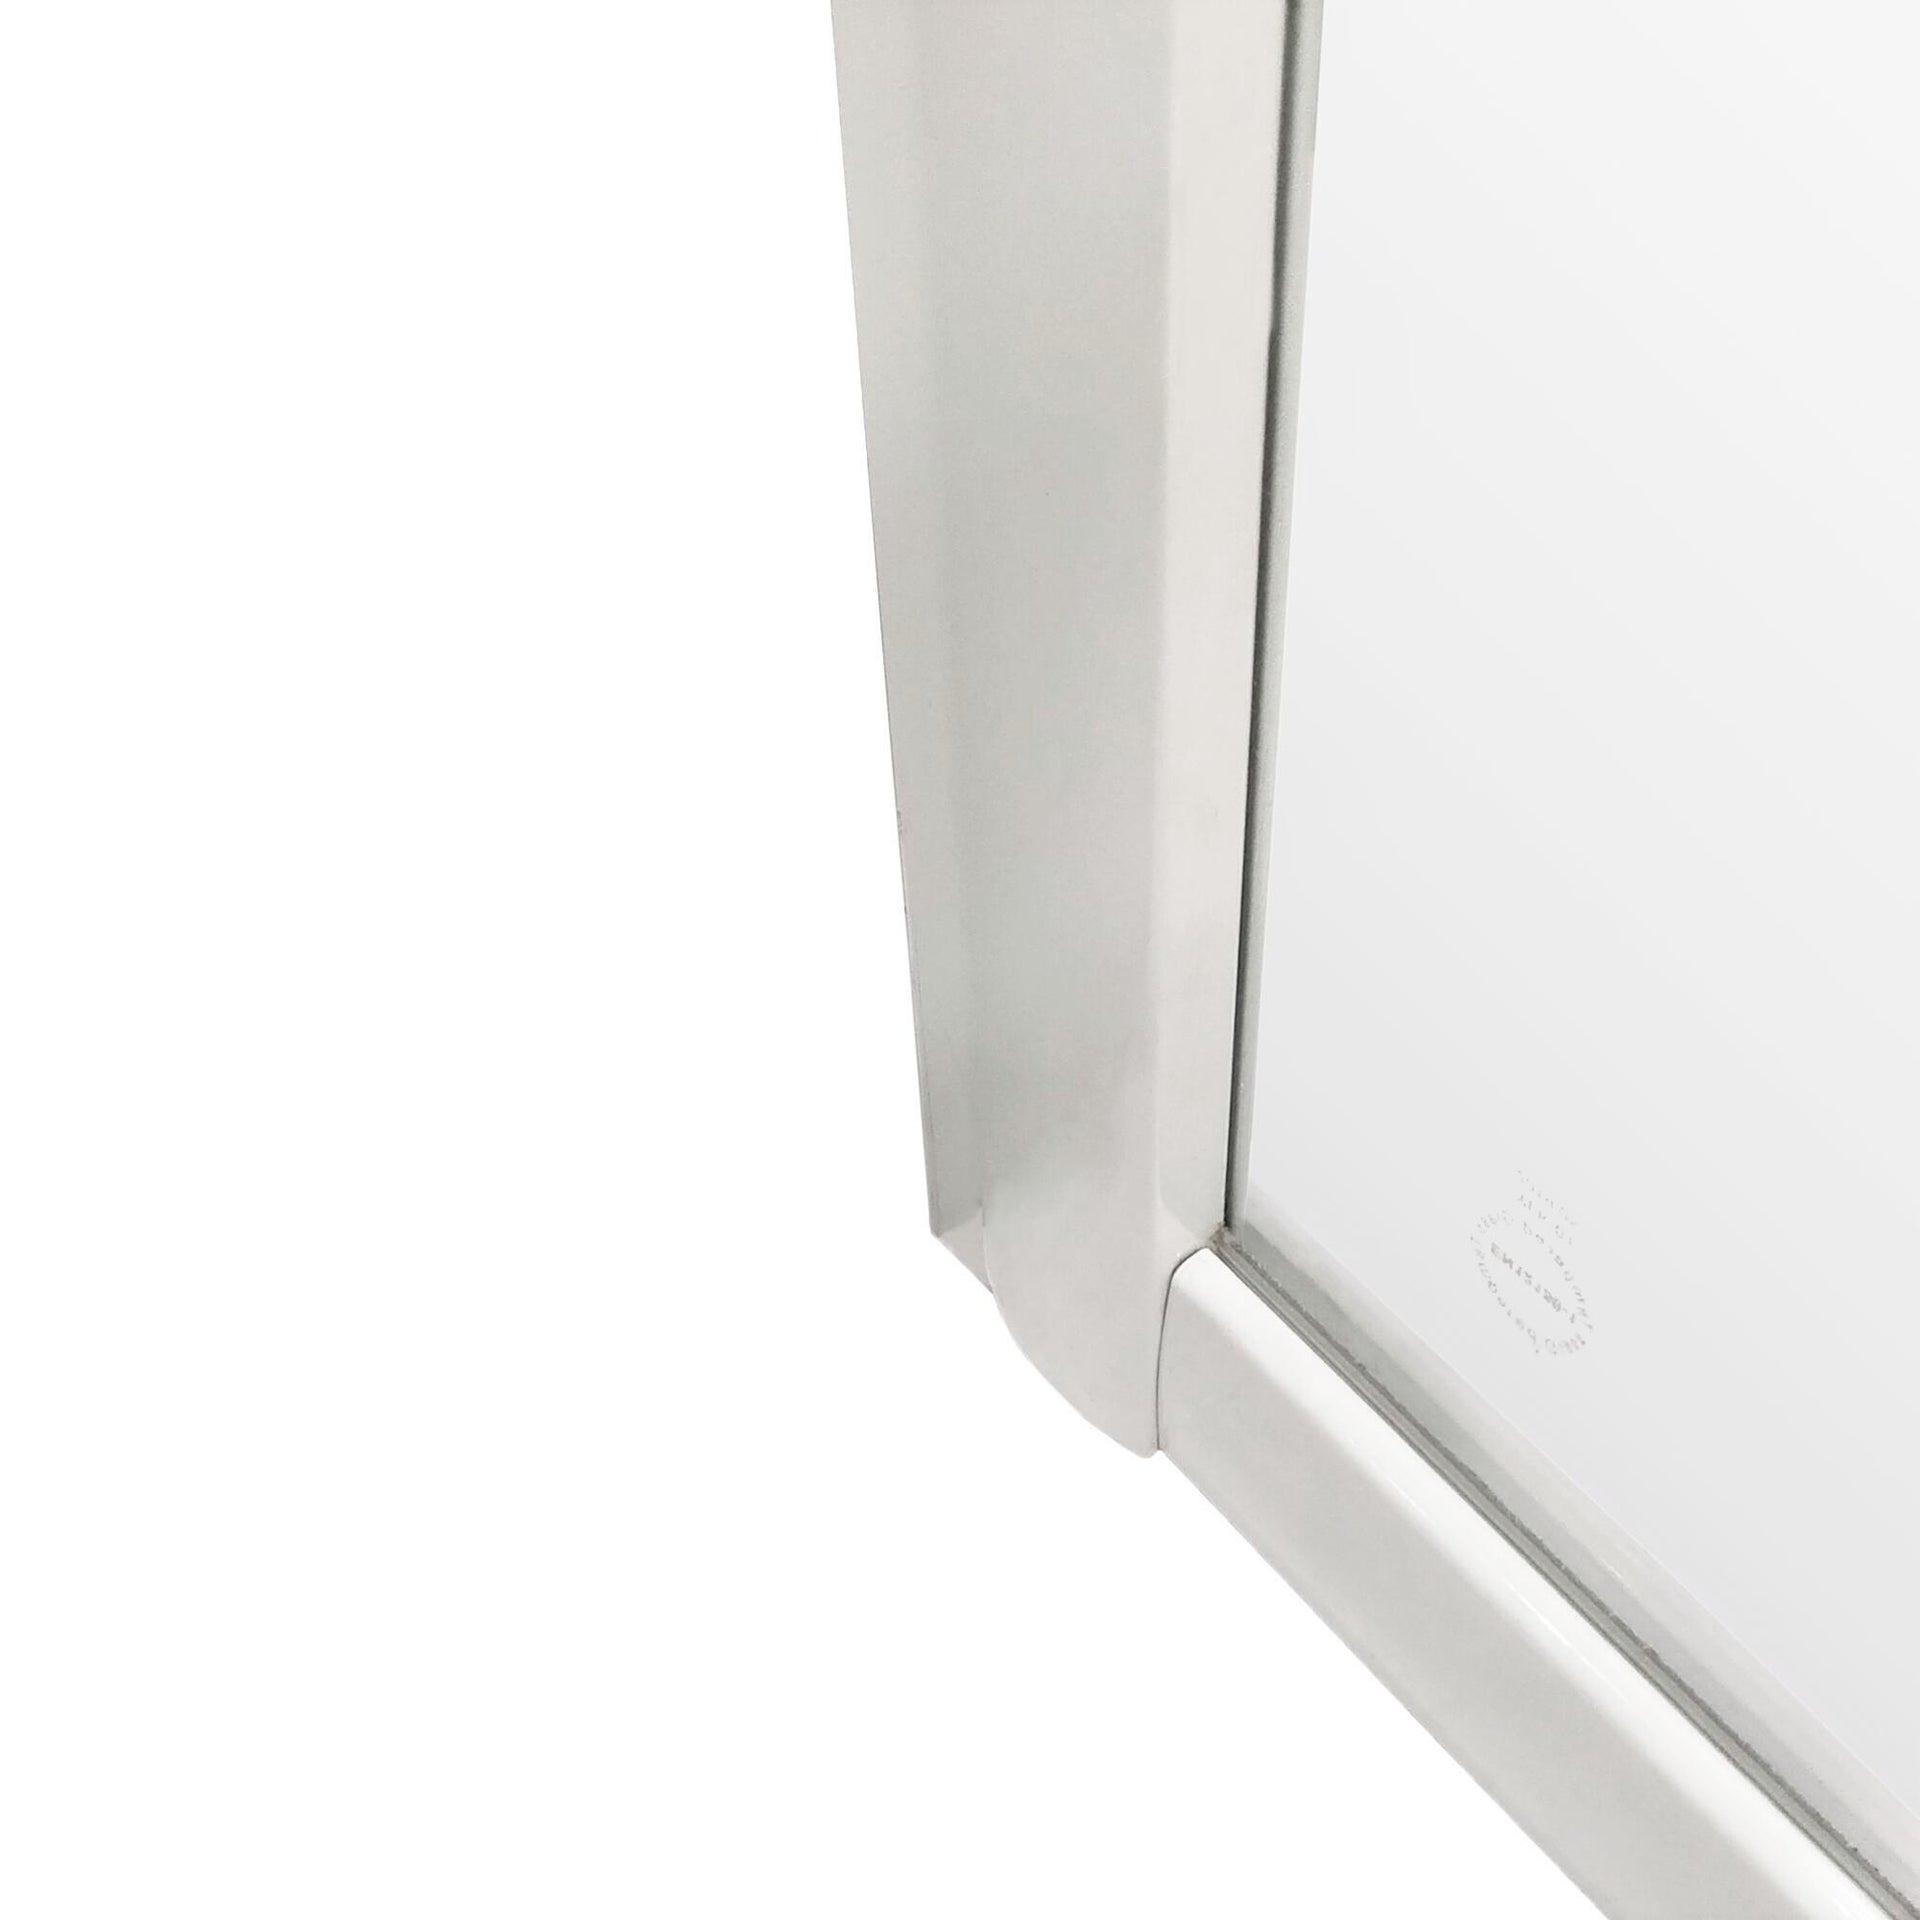 Box doccia semicircolare scorrevole Essential 90 x 90 cm, H 185 cm in vetro temprato, spessore 4 mm serigrafato bianco - 2